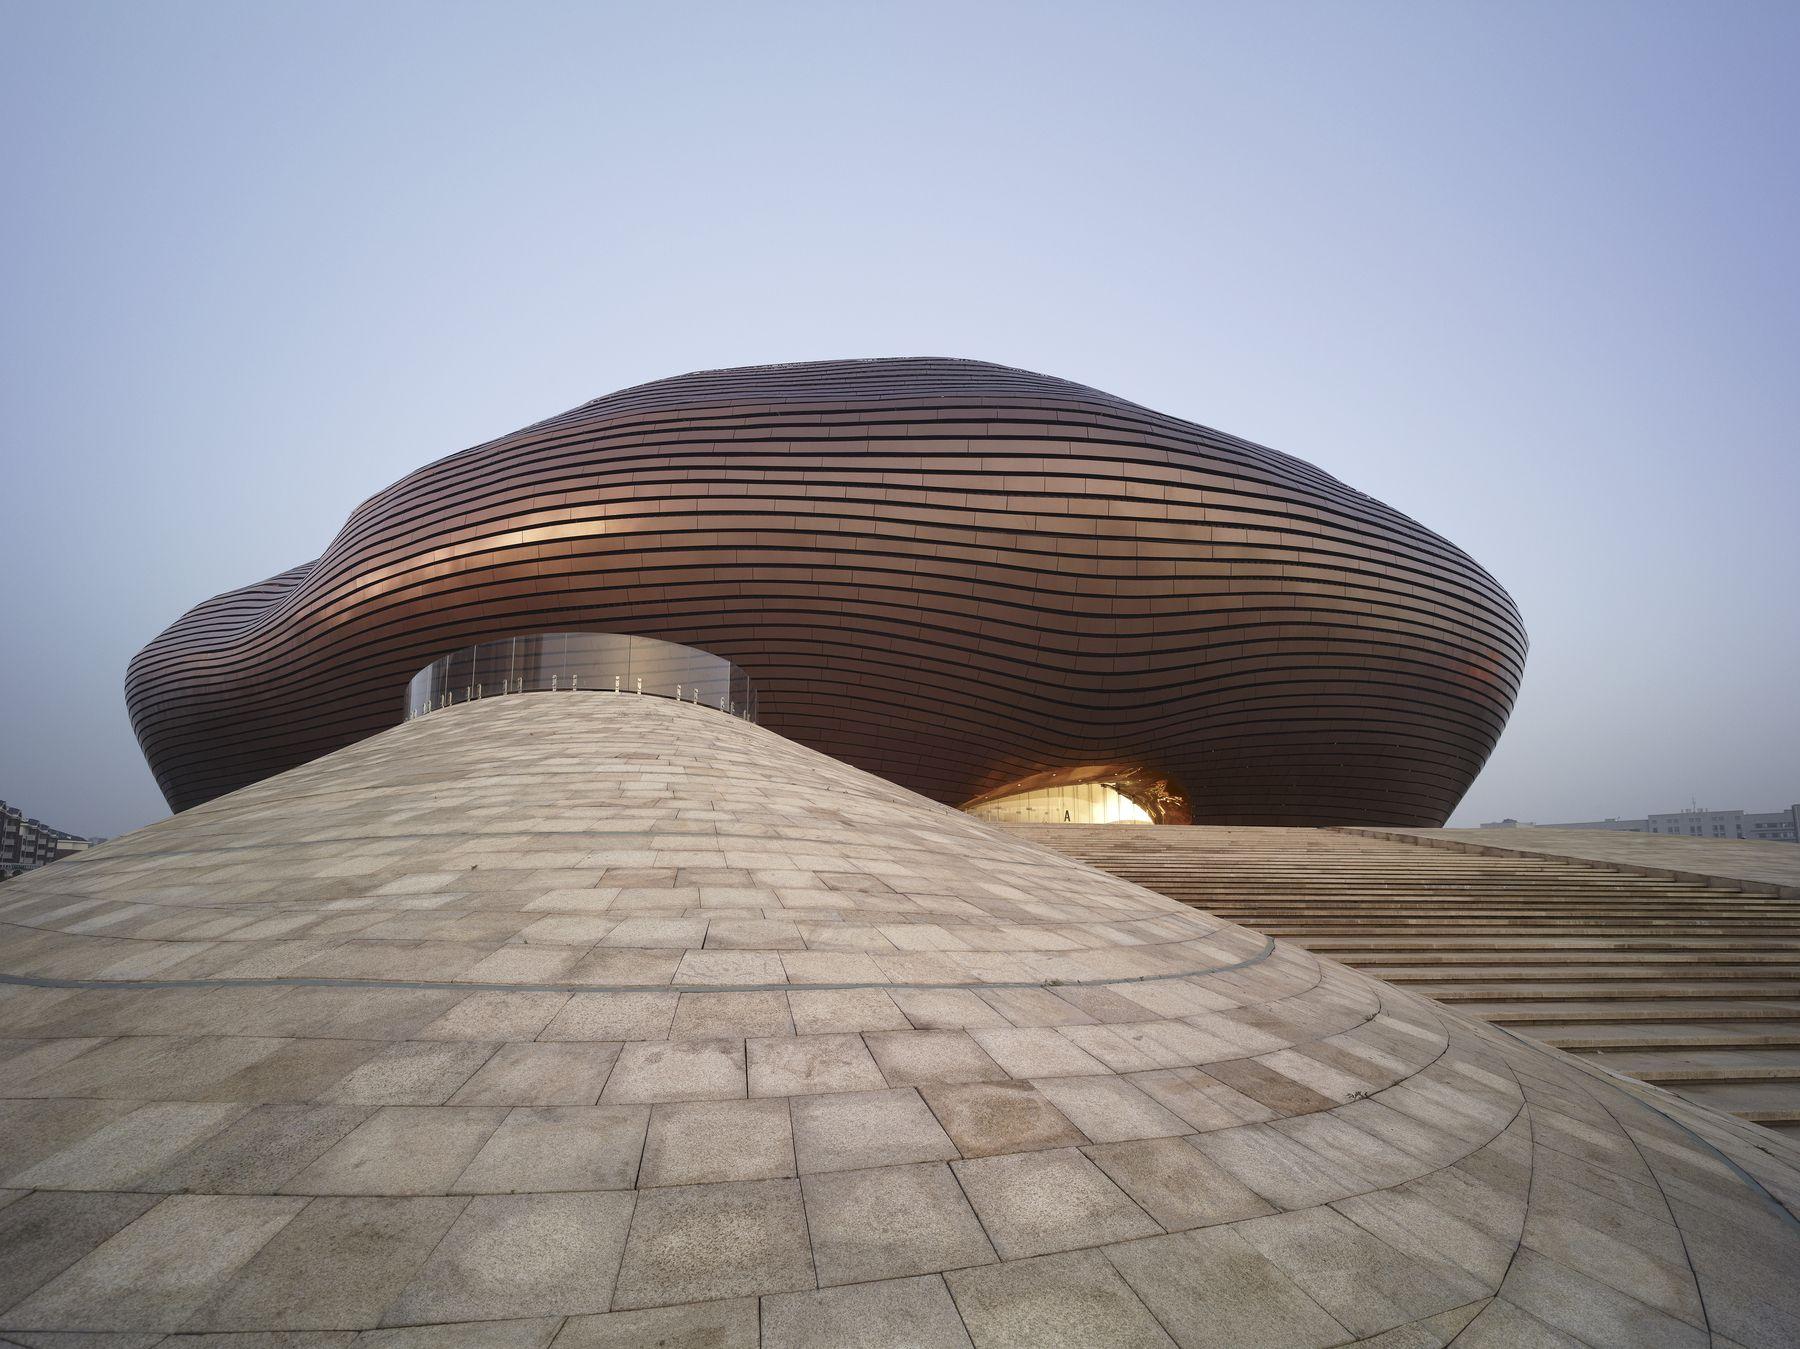 Museo Ordos (Ciudad de Ordos, China)